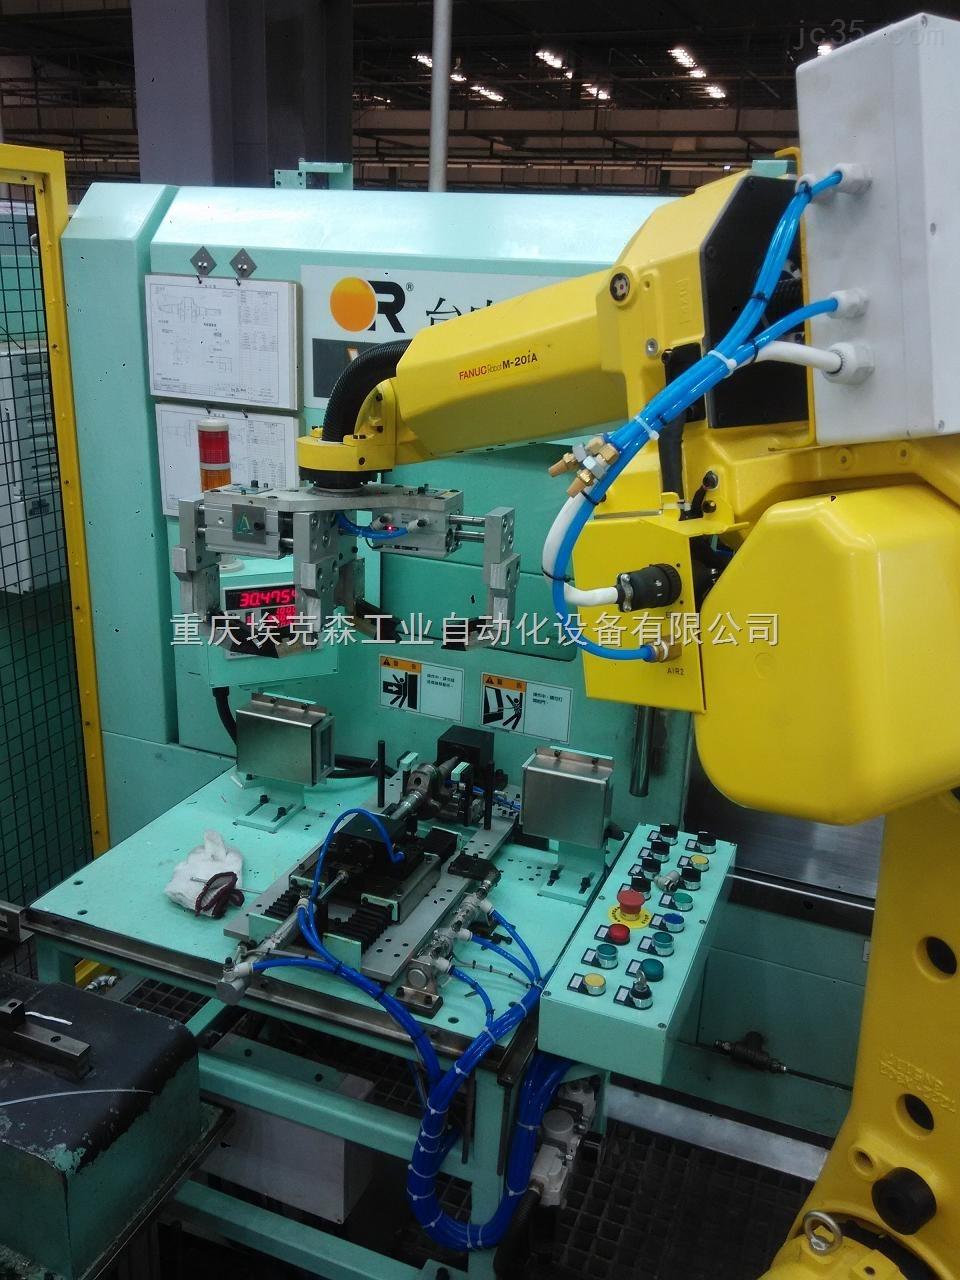 重庆安川锻造机器人,成都abb搬运机械手,贵阳纸箱包装码垛机器人